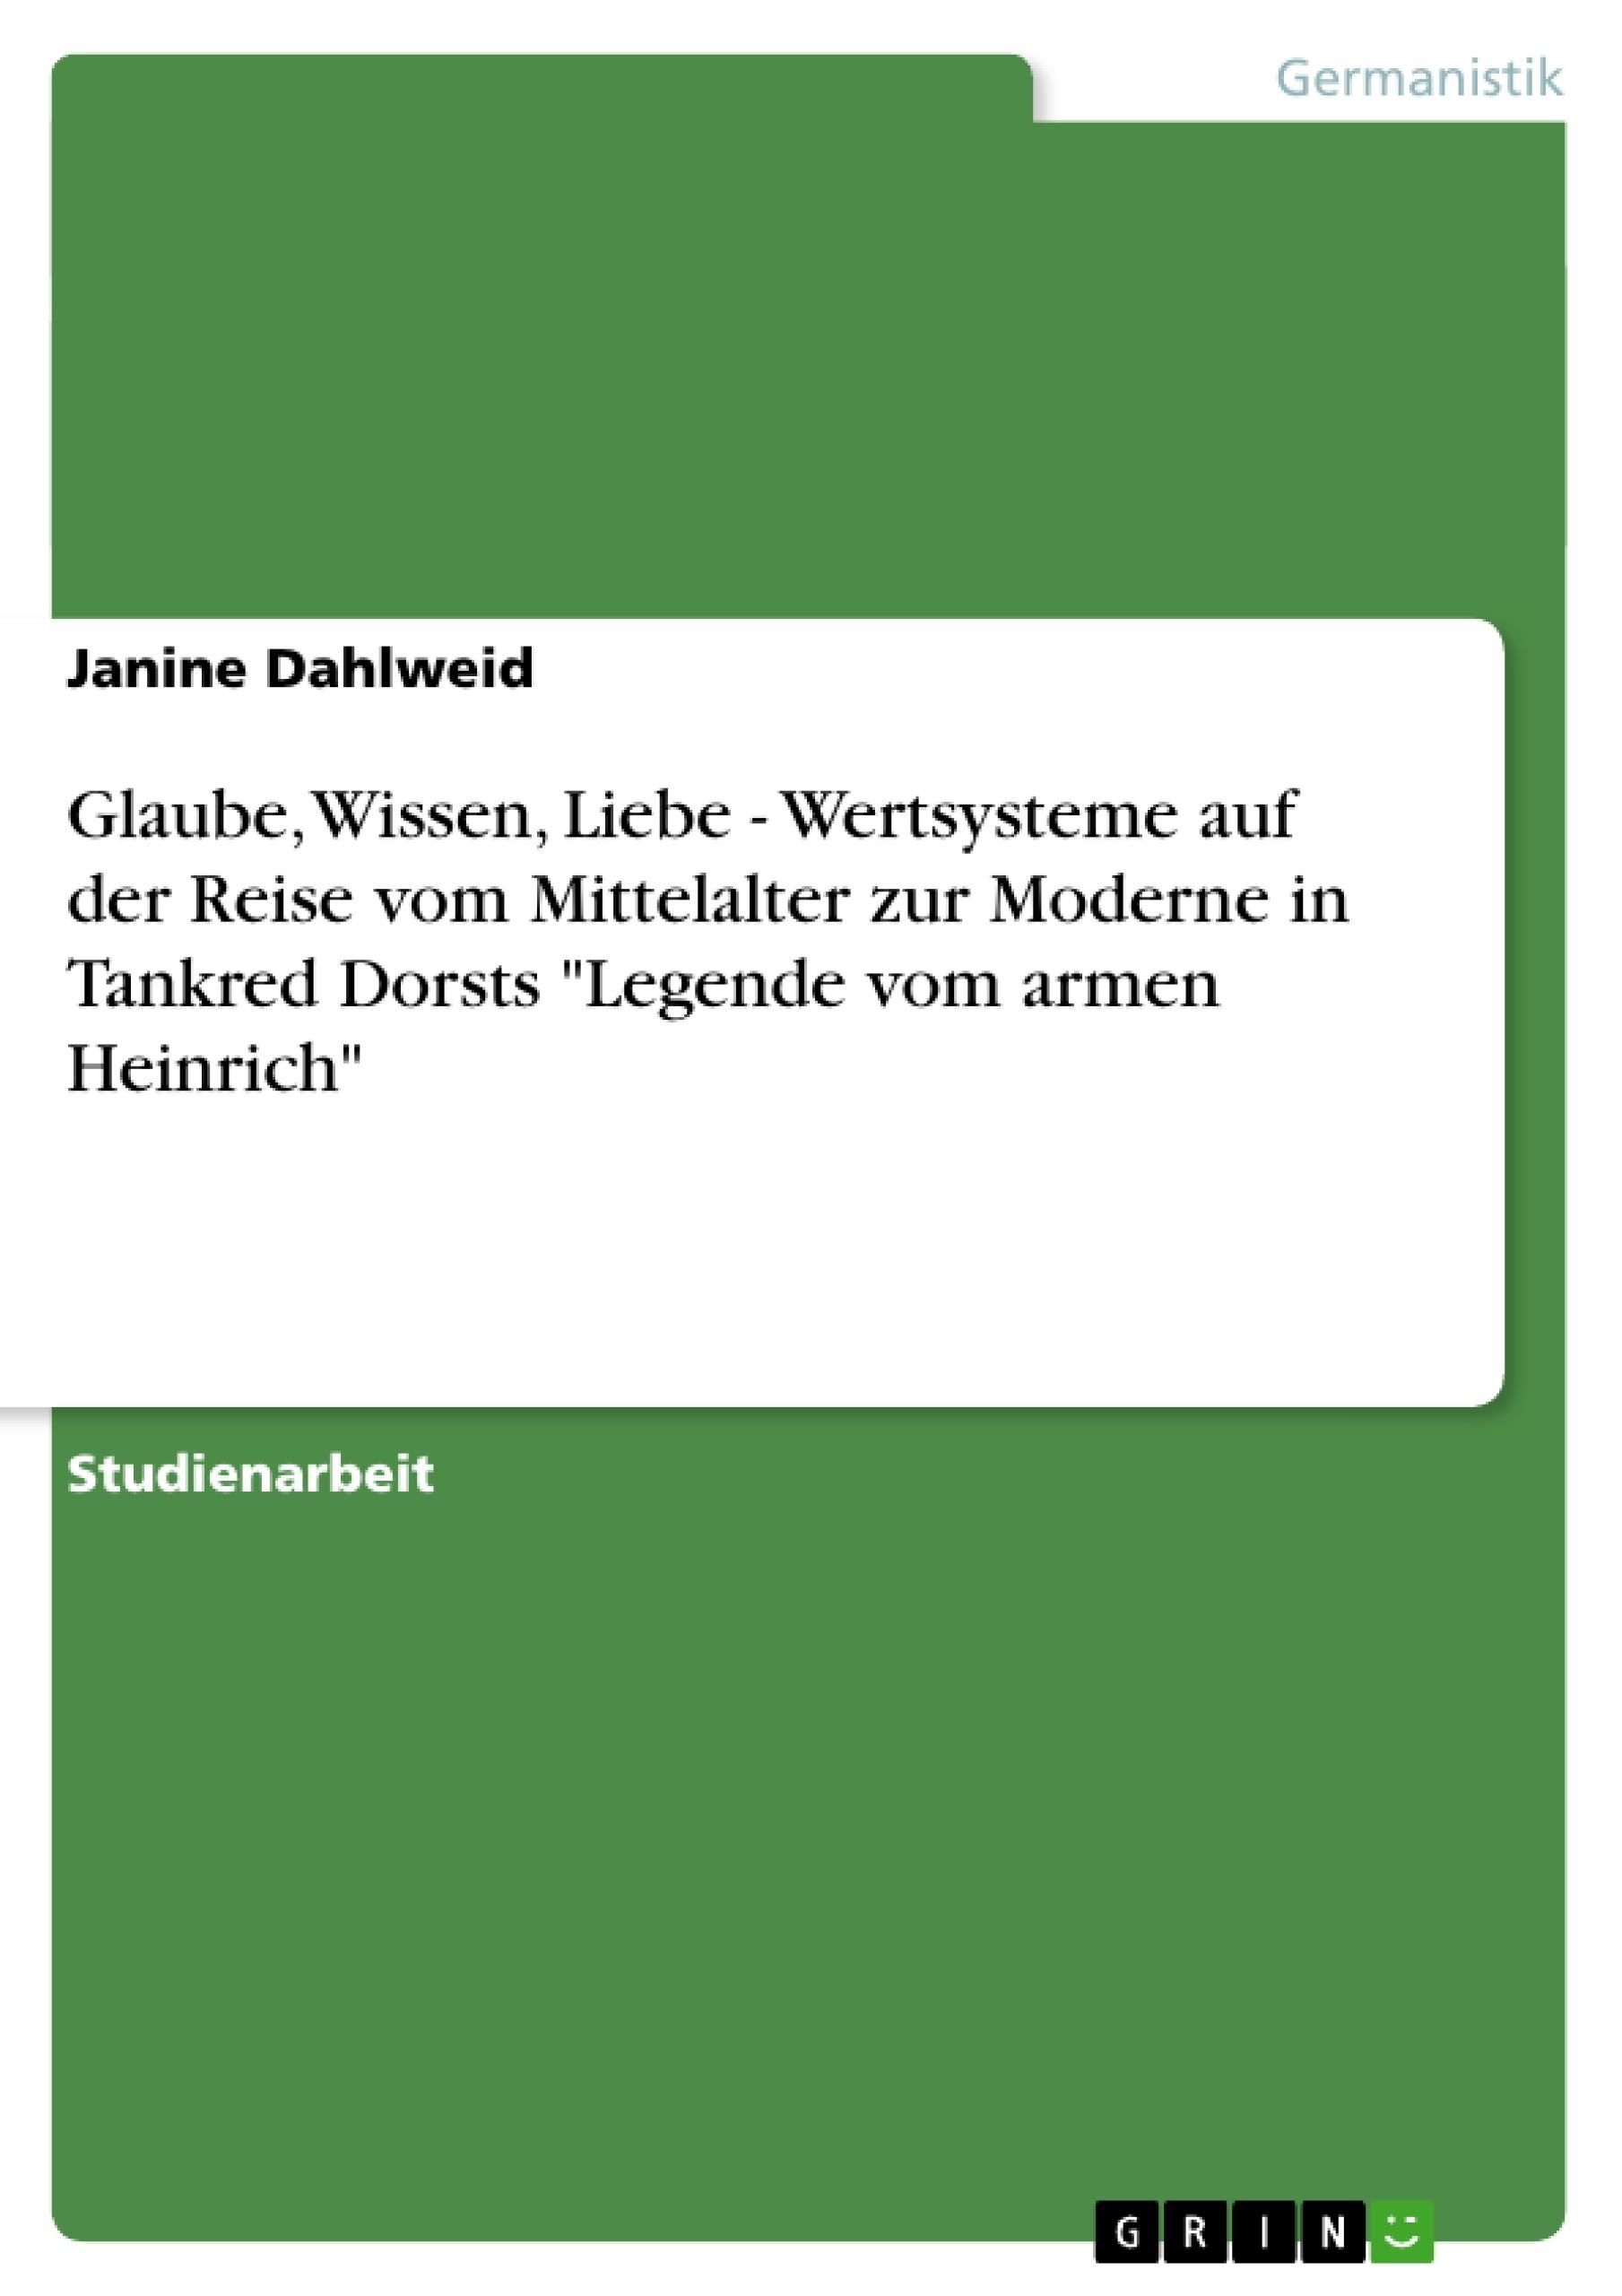 """Titel: Glaube, Wissen, Liebe - Wertsysteme auf der Reise vom Mittelalter zur Moderne in Tankred Dorsts """"Legende vom armen Heinrich"""""""